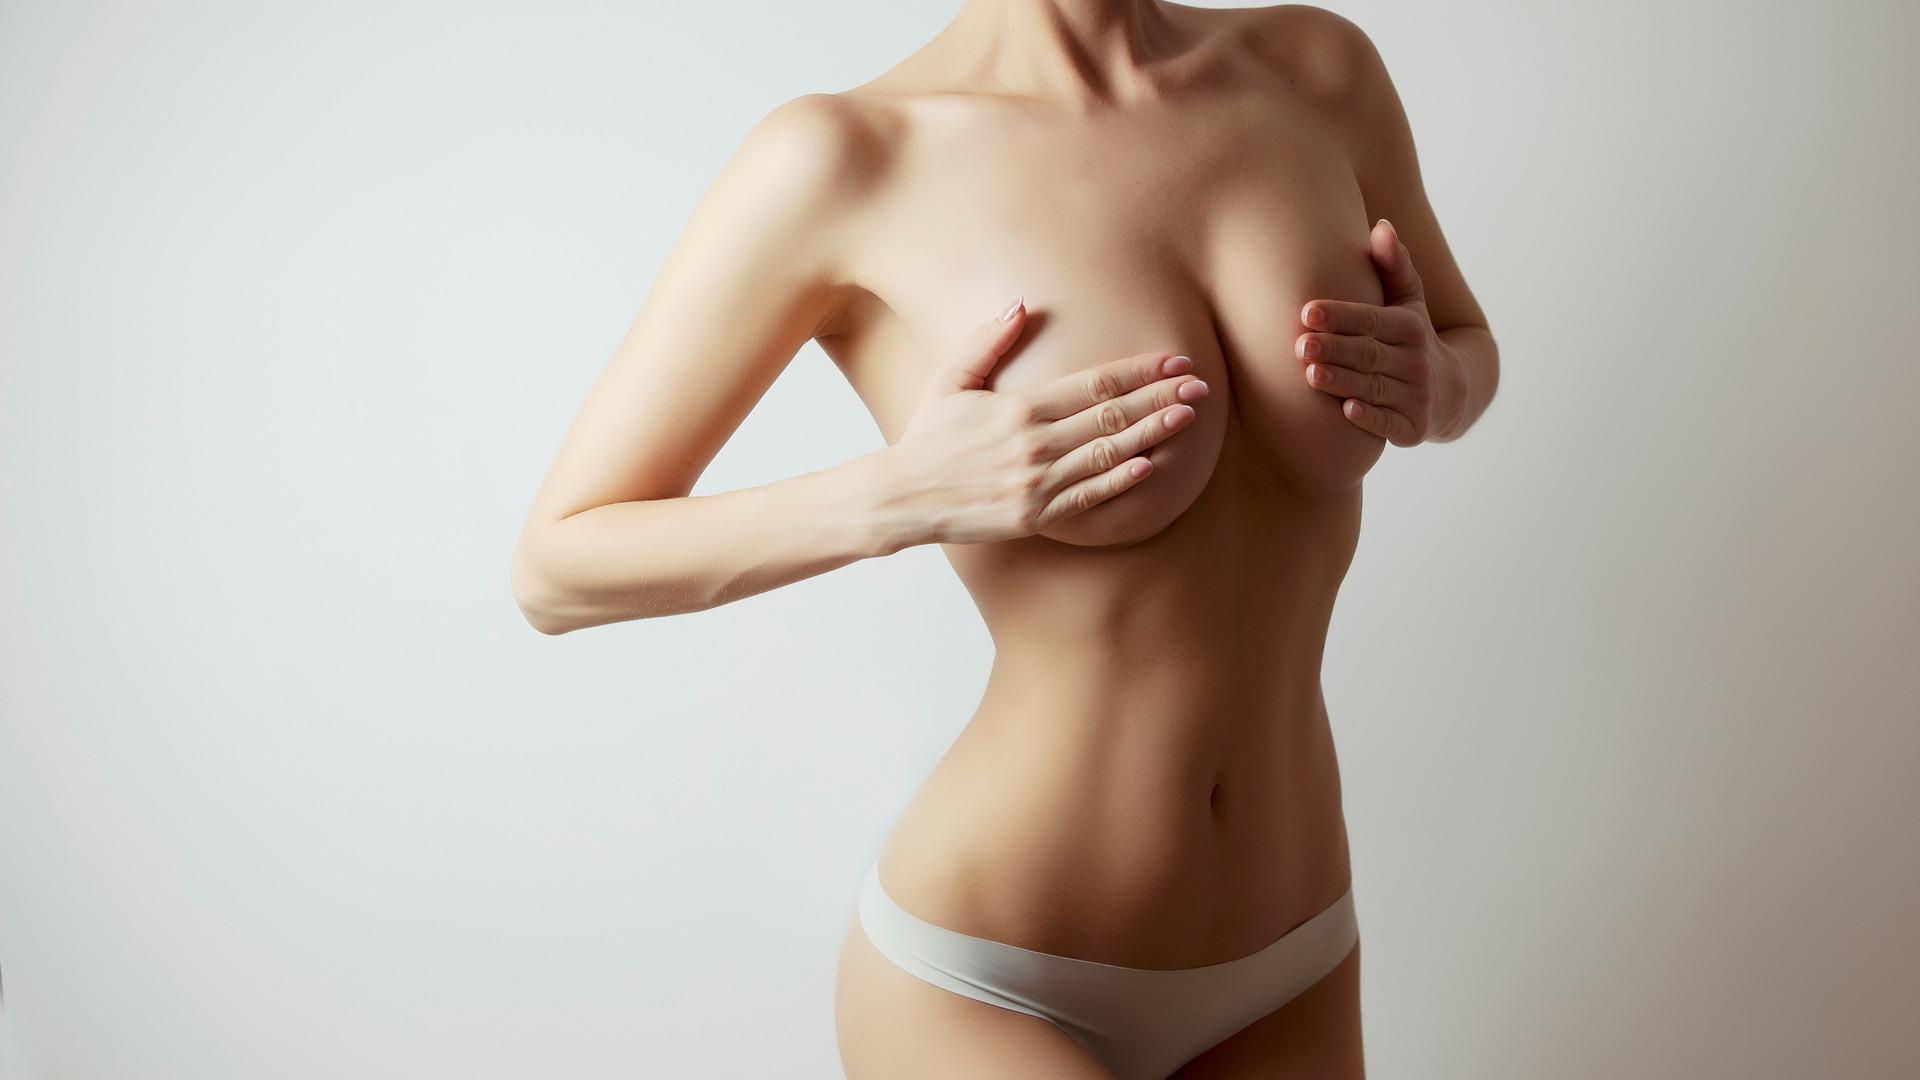 Возвращение формы груди мезонитями